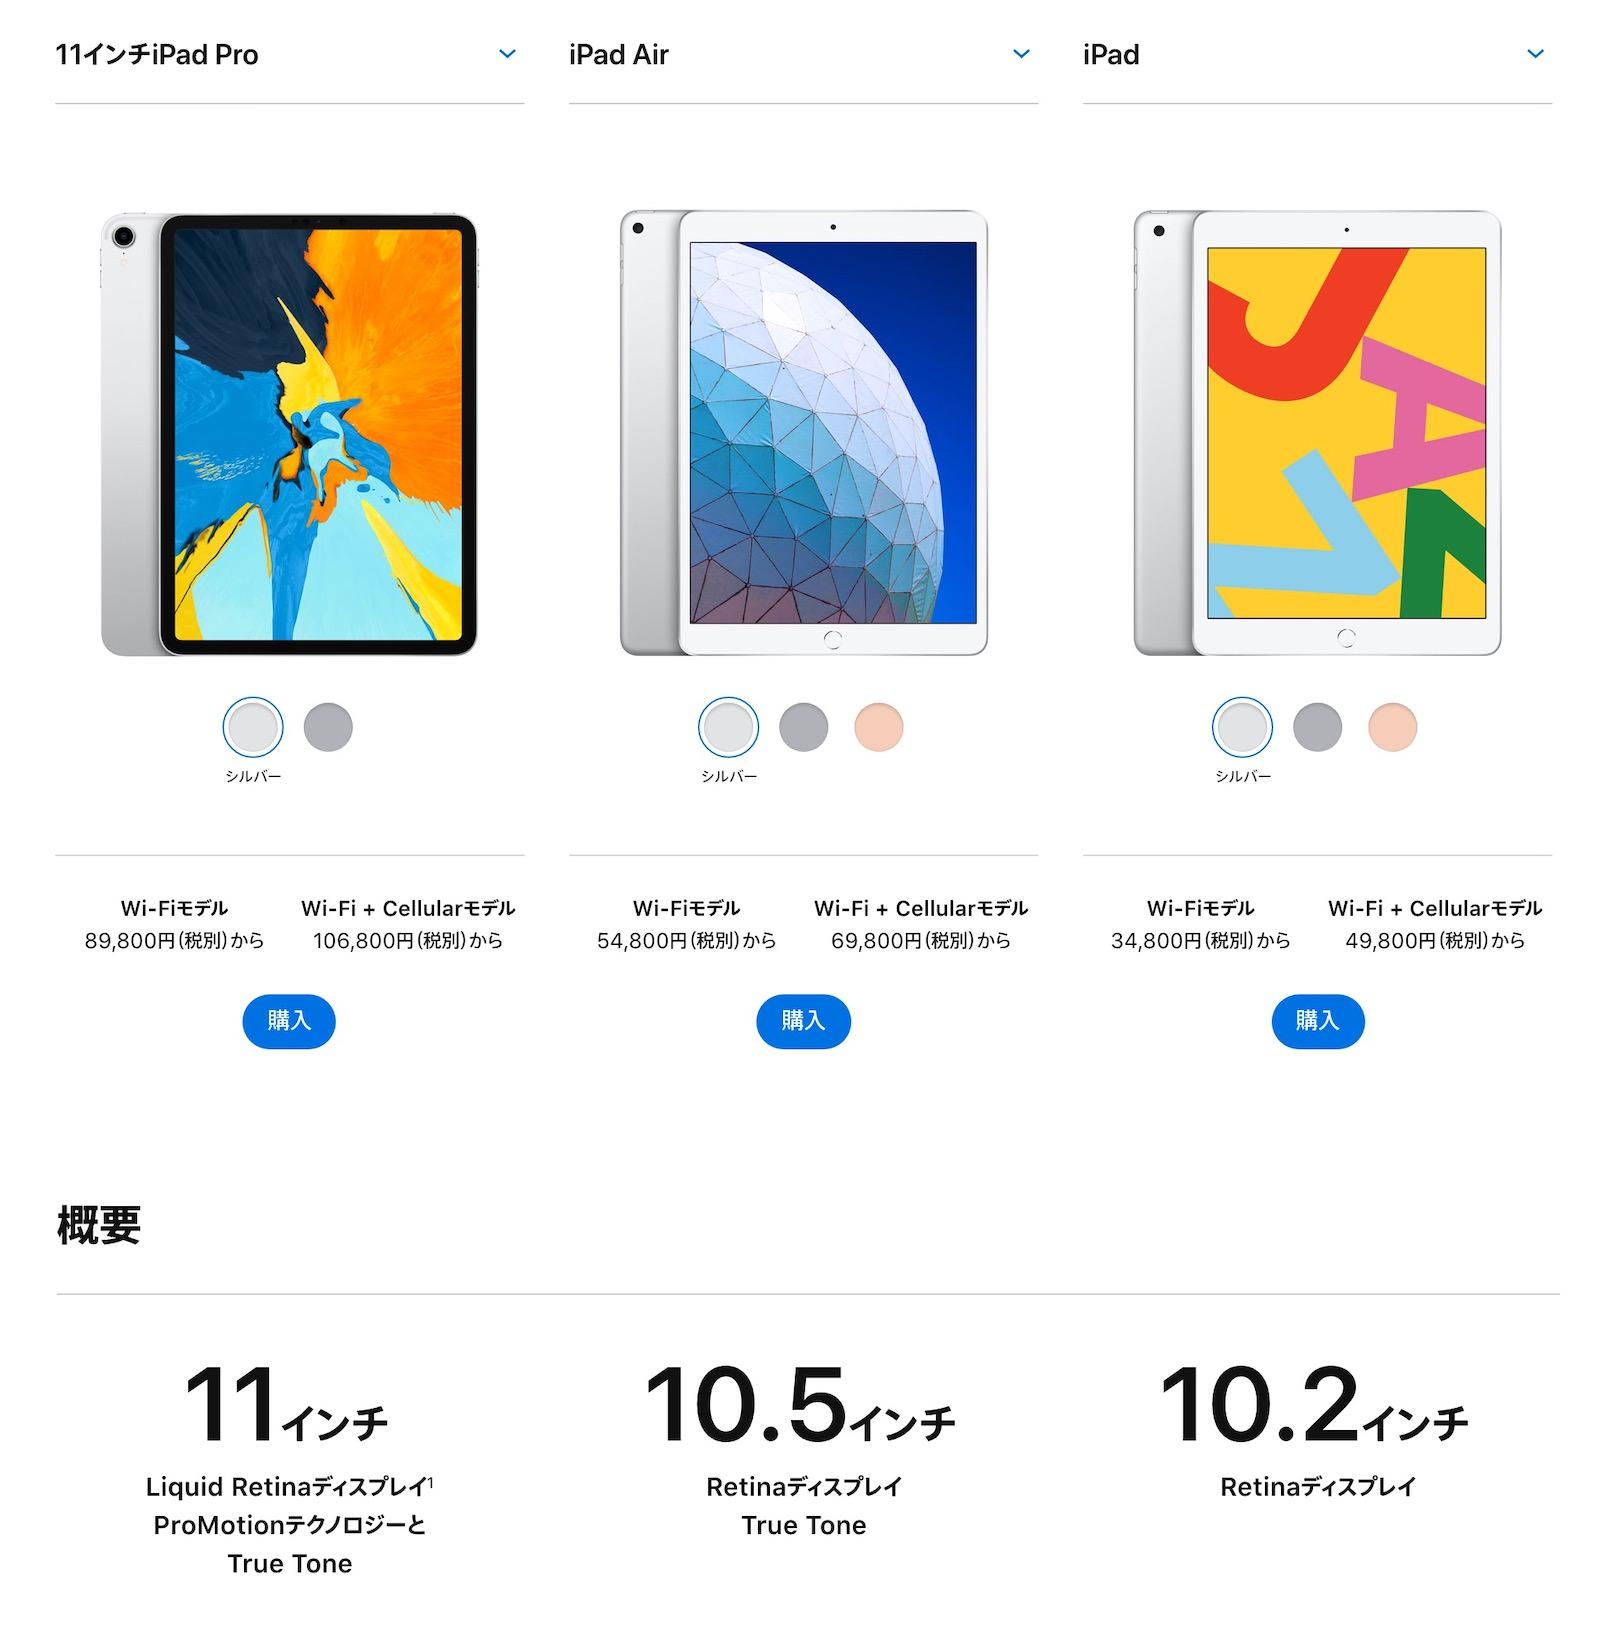 ipad-lineup-pro-air-none.jpg